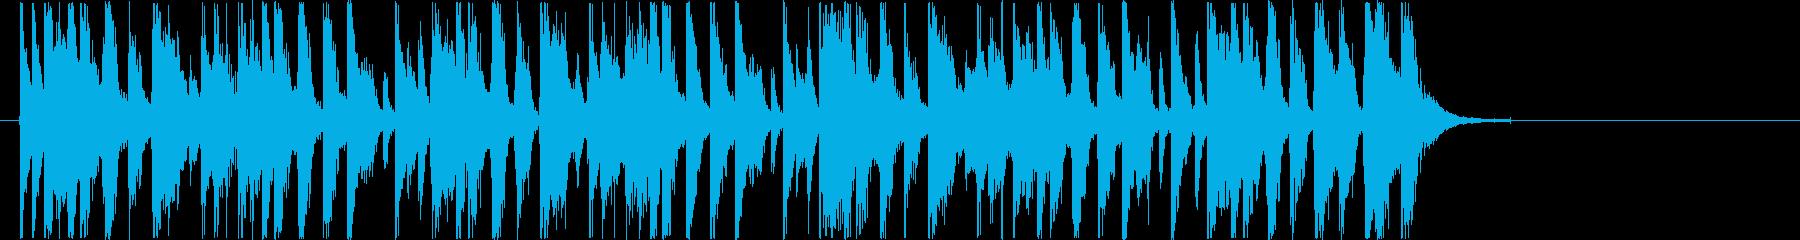 軽快でリズミカルなエレキポップジングルの再生済みの波形